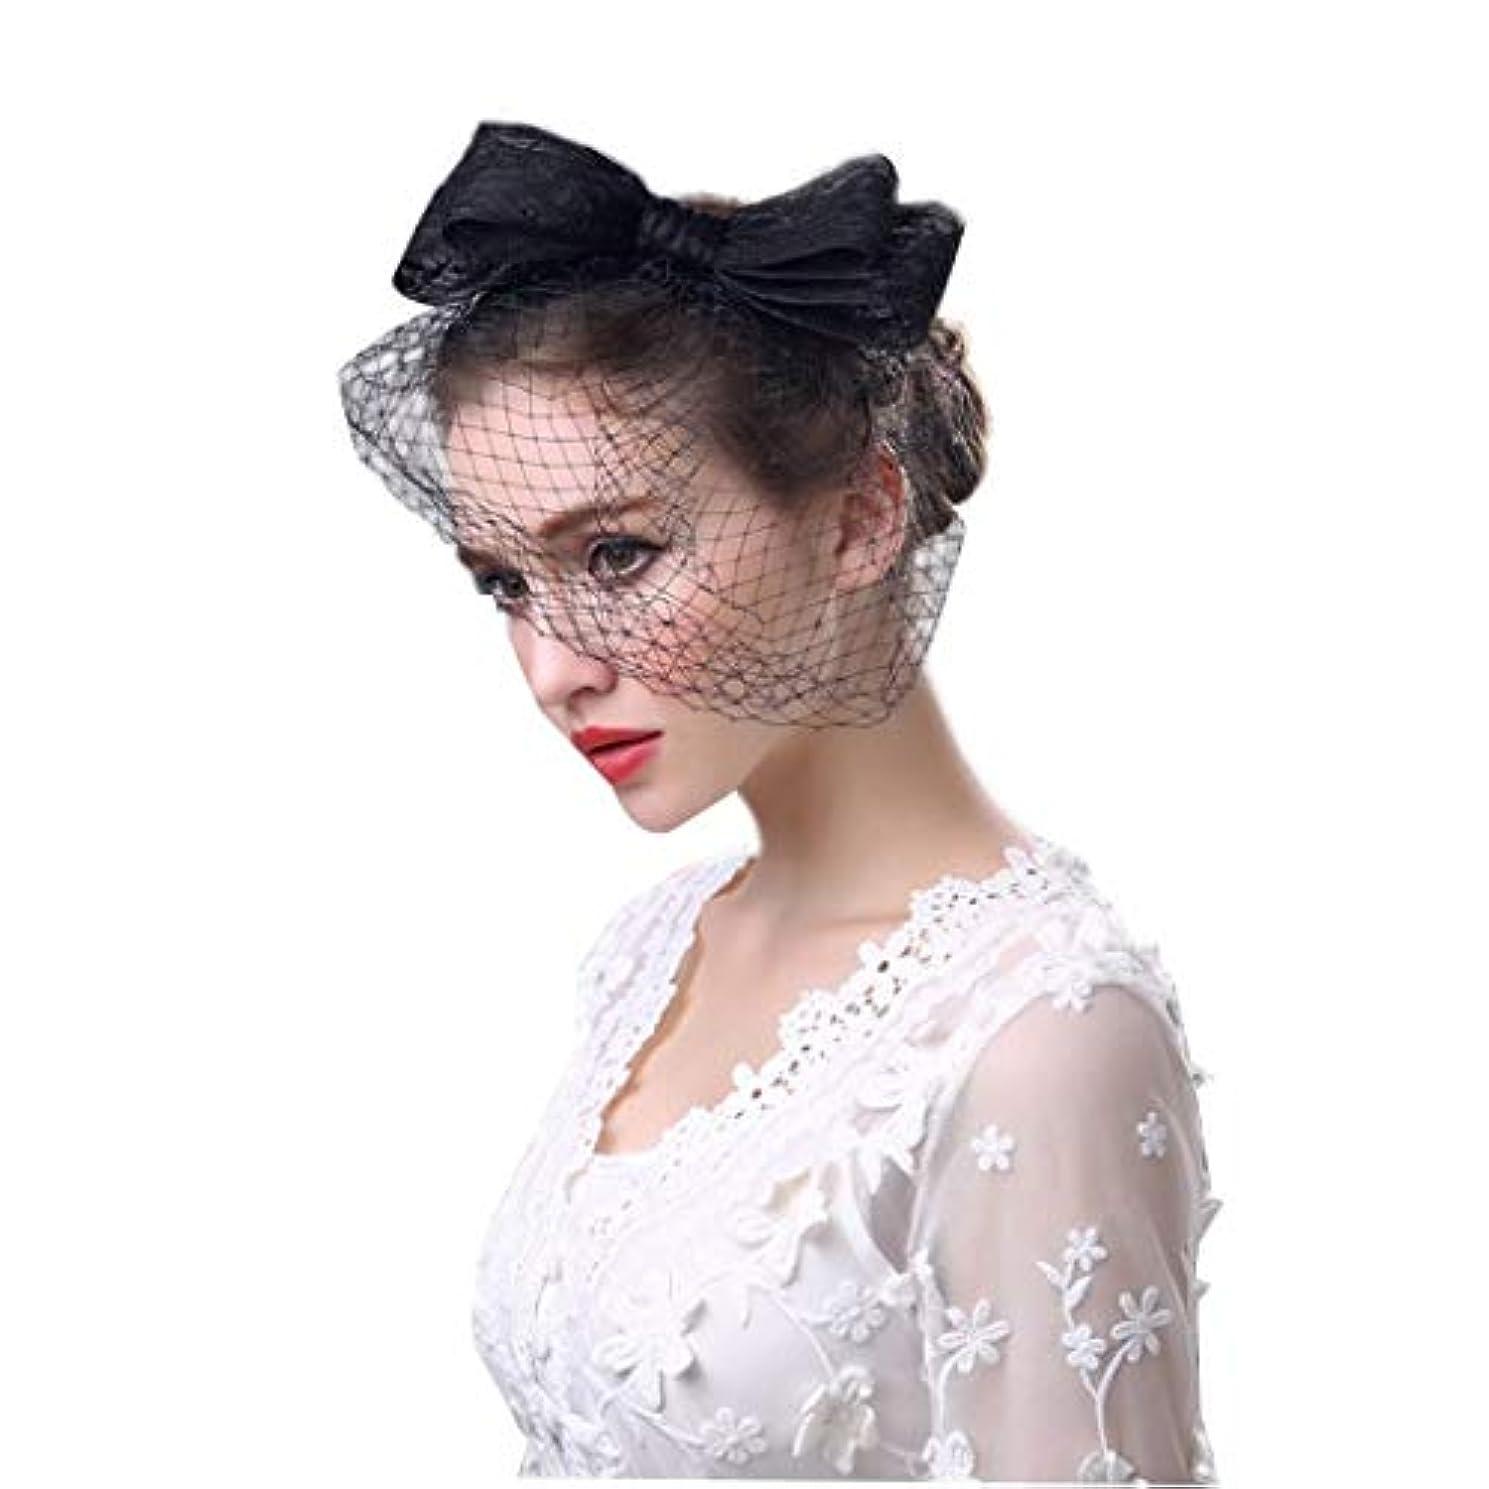 スキーなくなる現在ブライダルヘッドドレス、弓帽子ヴィンテージヘッドドレス手作りイギリスファッションレディースリネン帽子フラワーフェザーメッシュベールウェディングティーパーティー